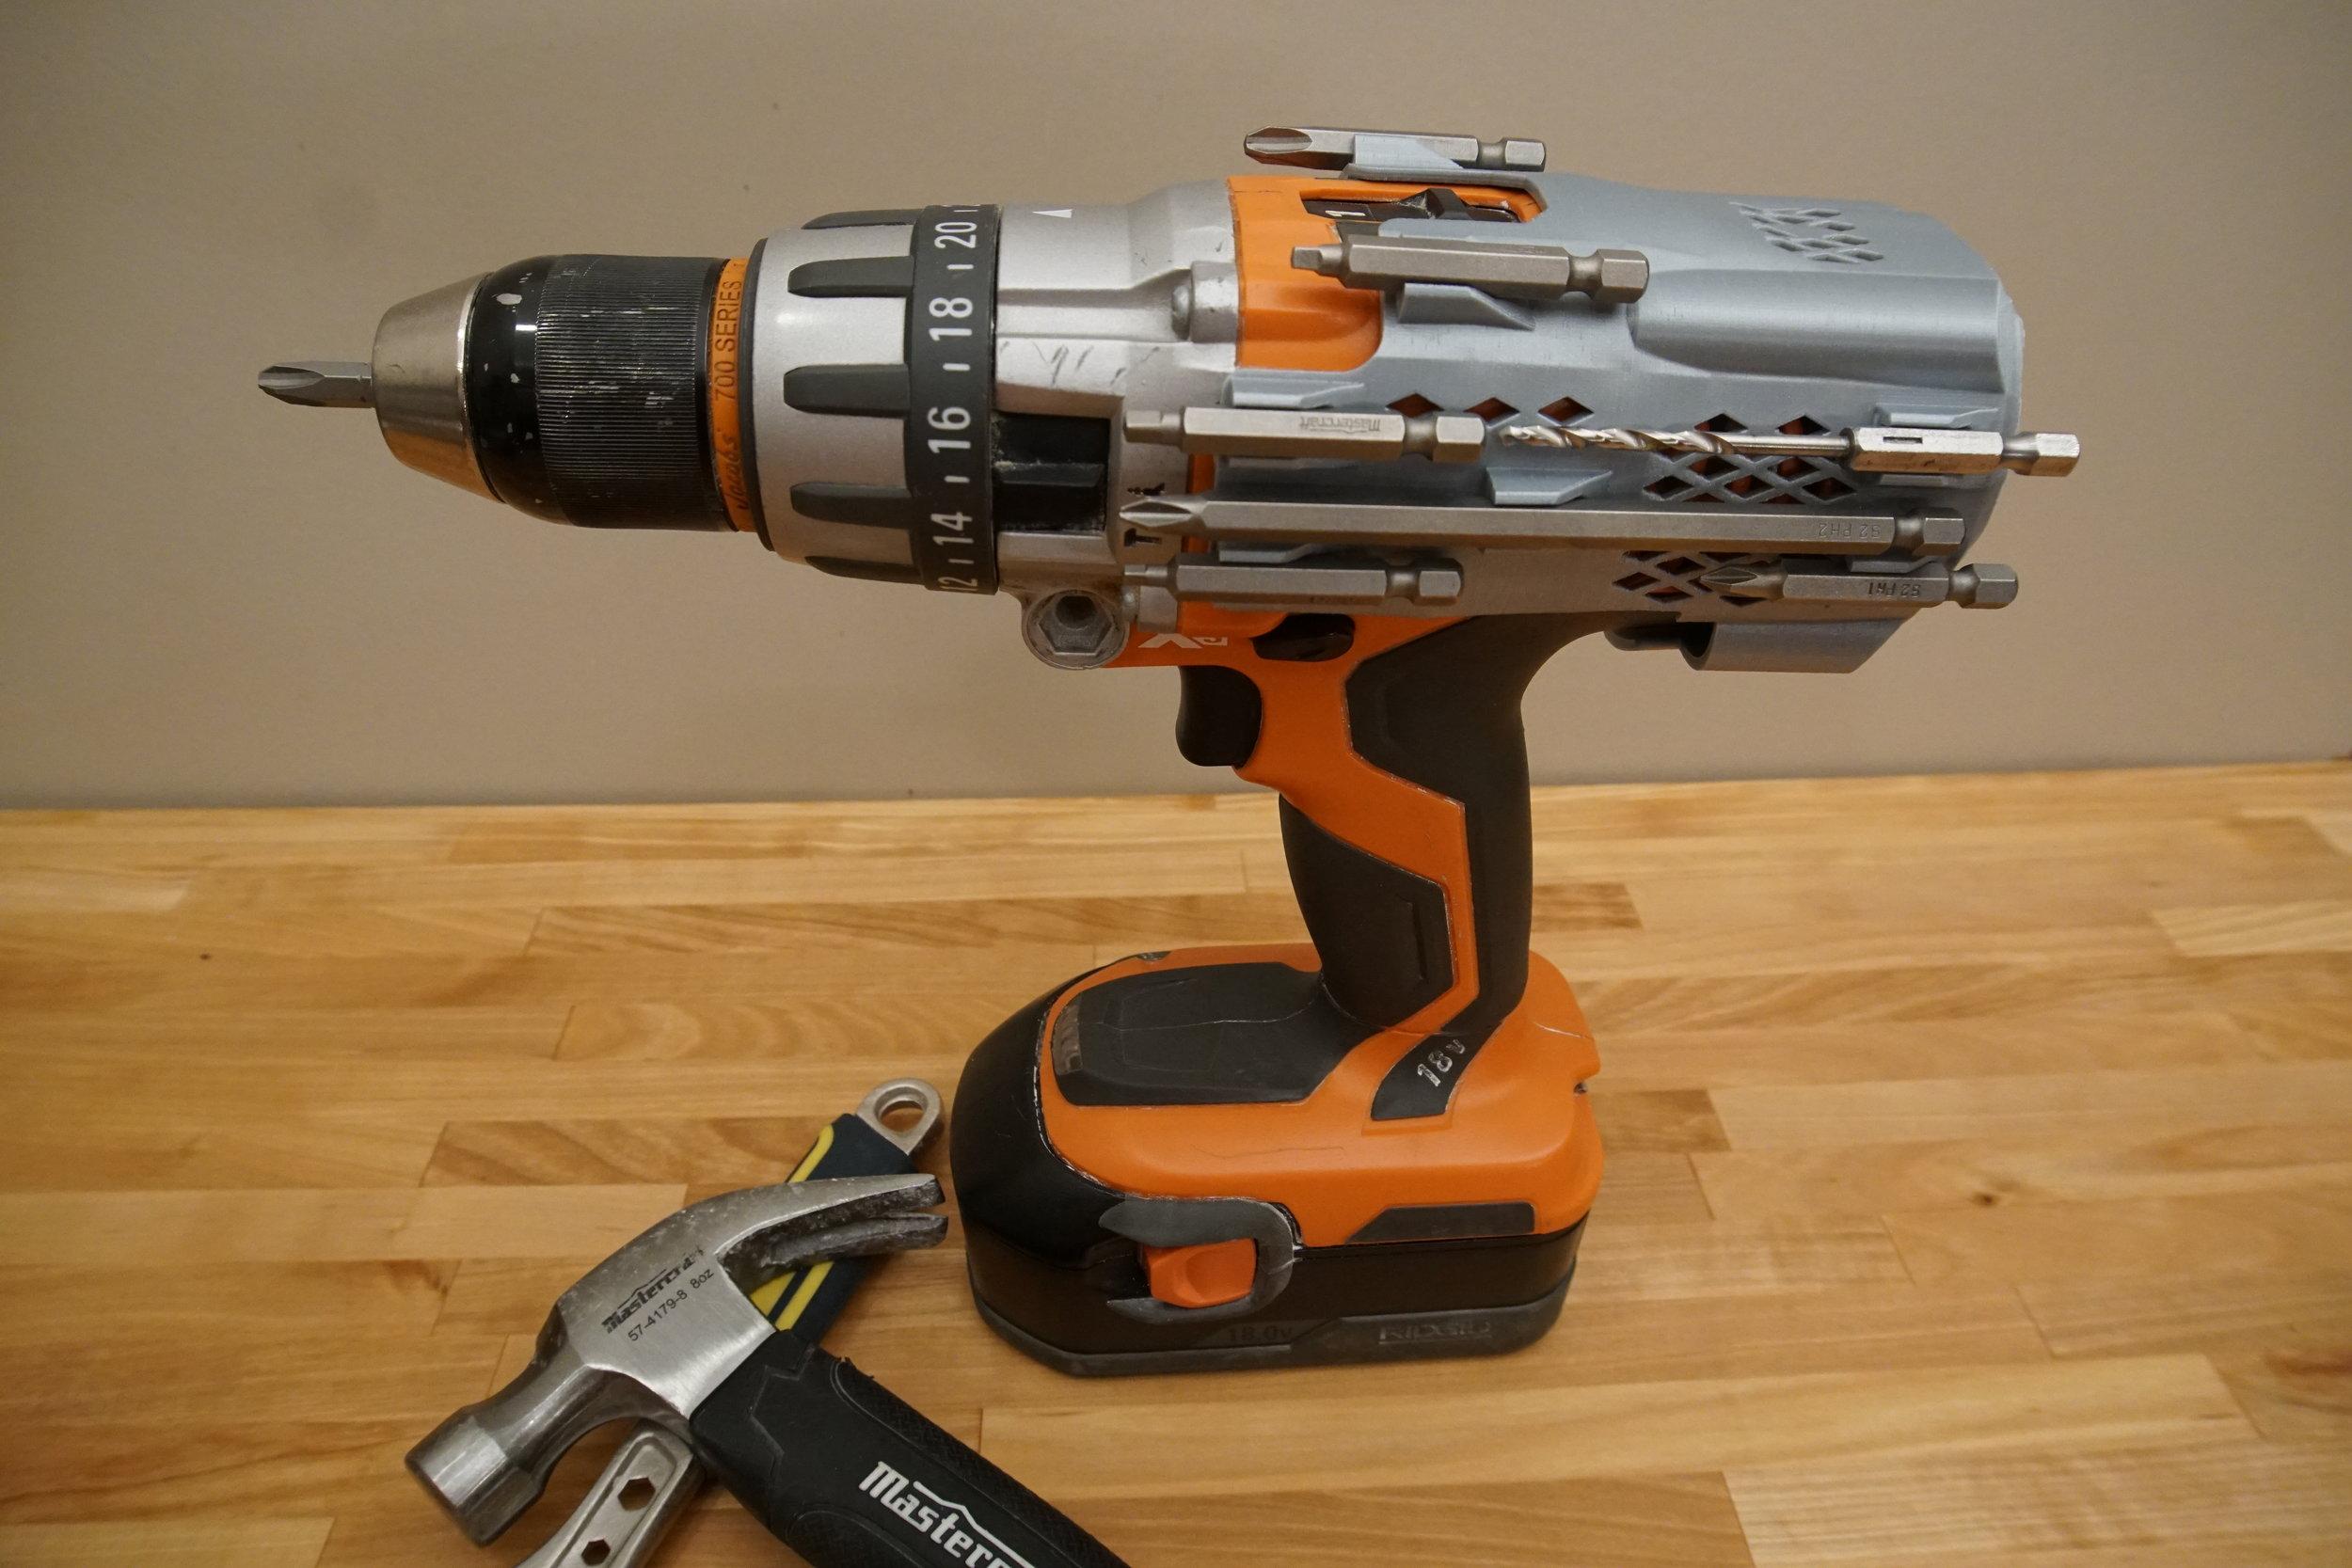 2-drill-side (1).JPG